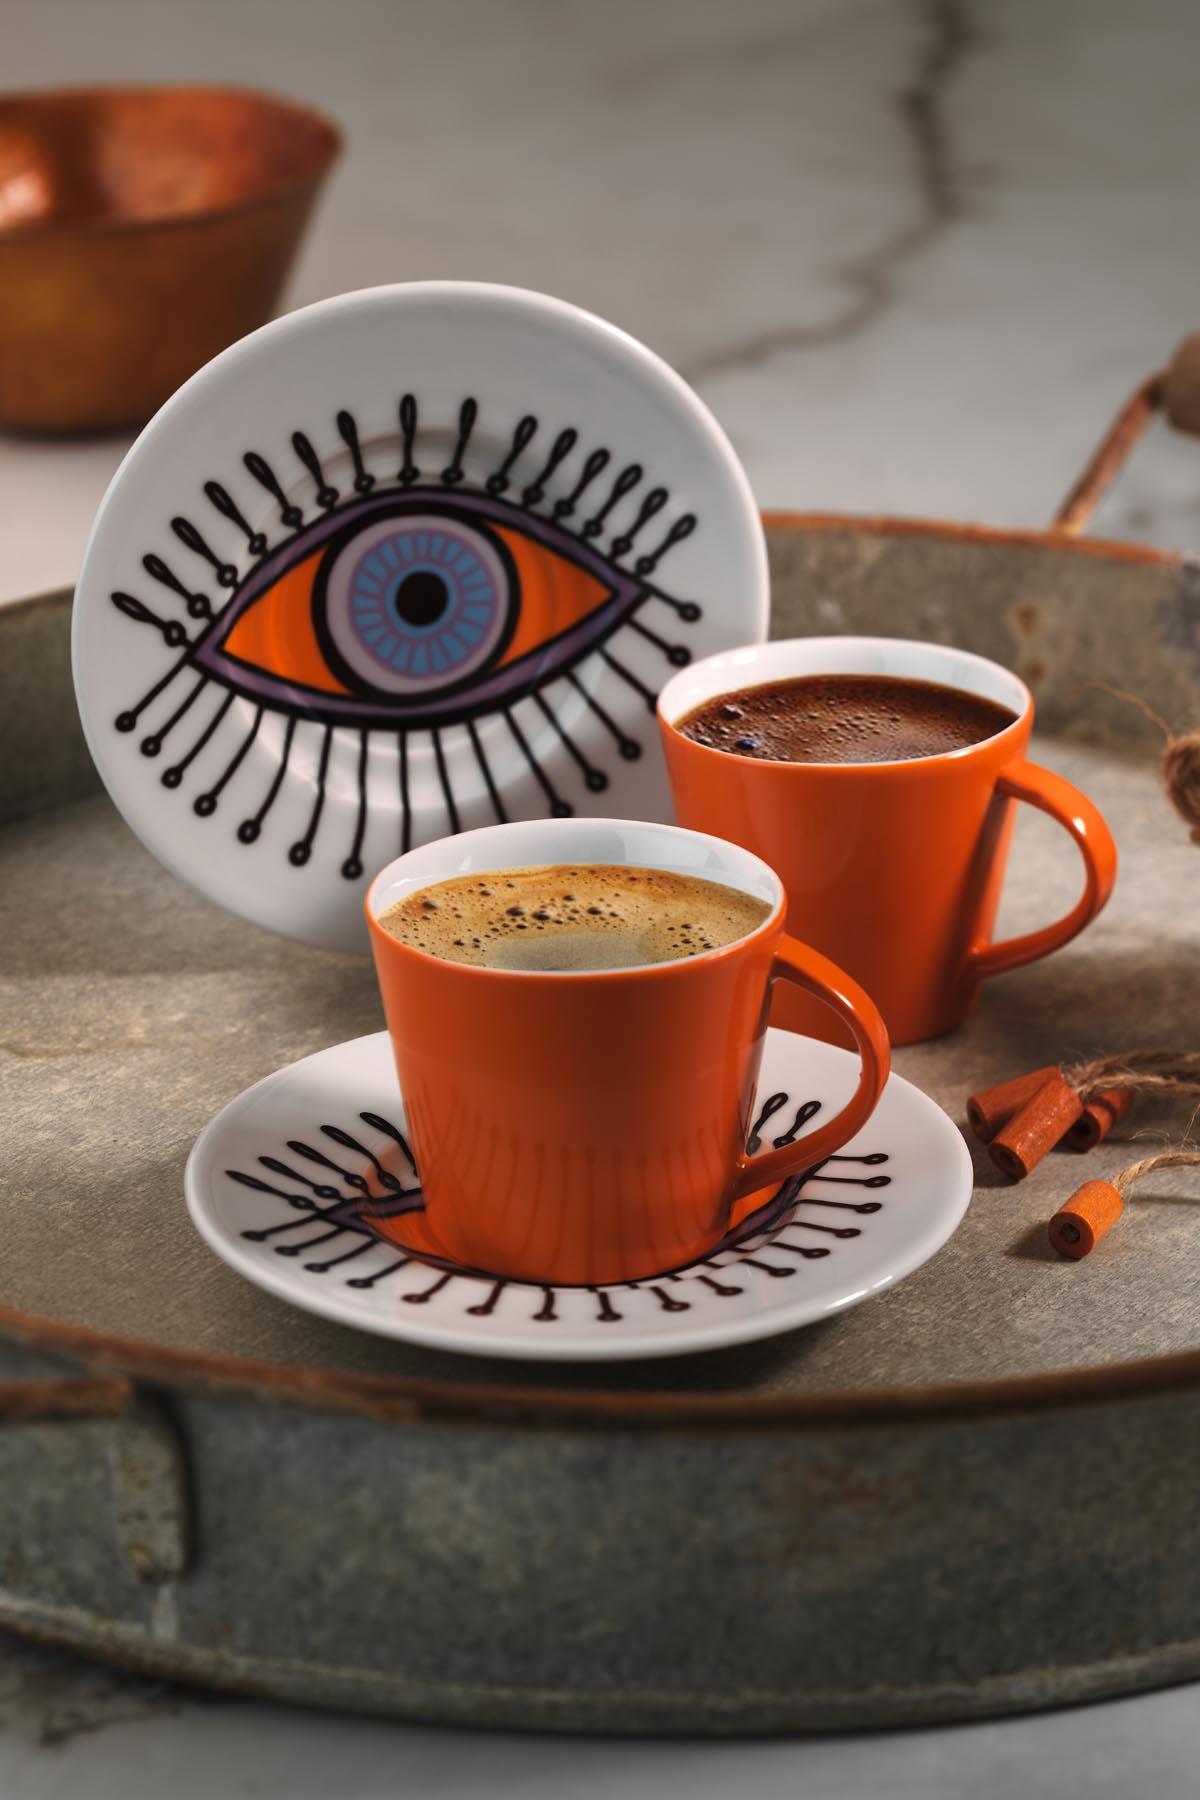 KÜTAHYA PORSELEN - Kütahya Porselen Toledo Kahve Takımı 11011R19